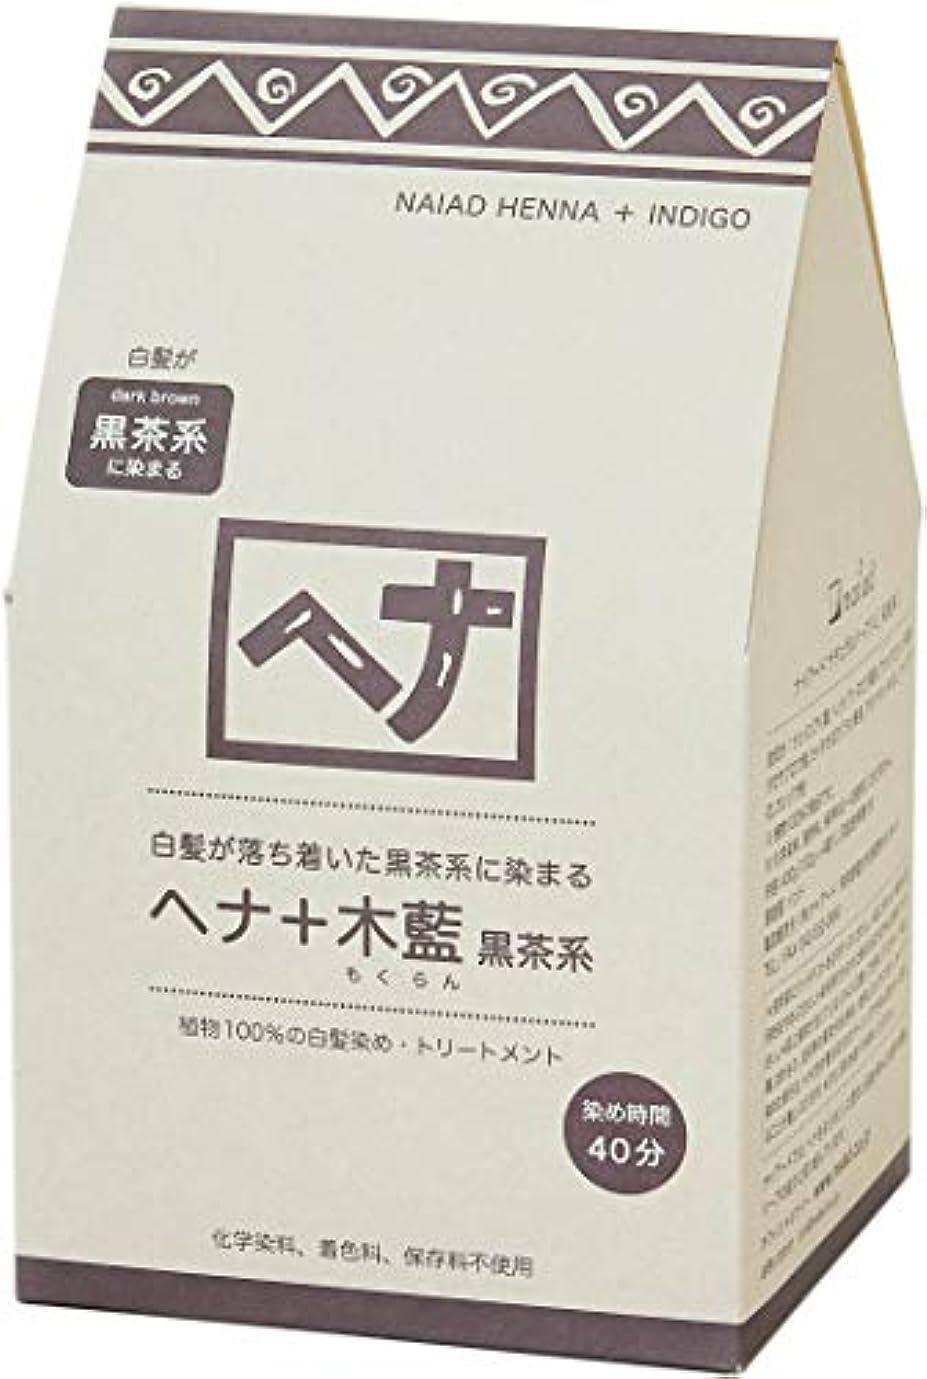 提案データベースマキシムNaiad(ナイアード) ヘナ+木藍 黒茶系 400g